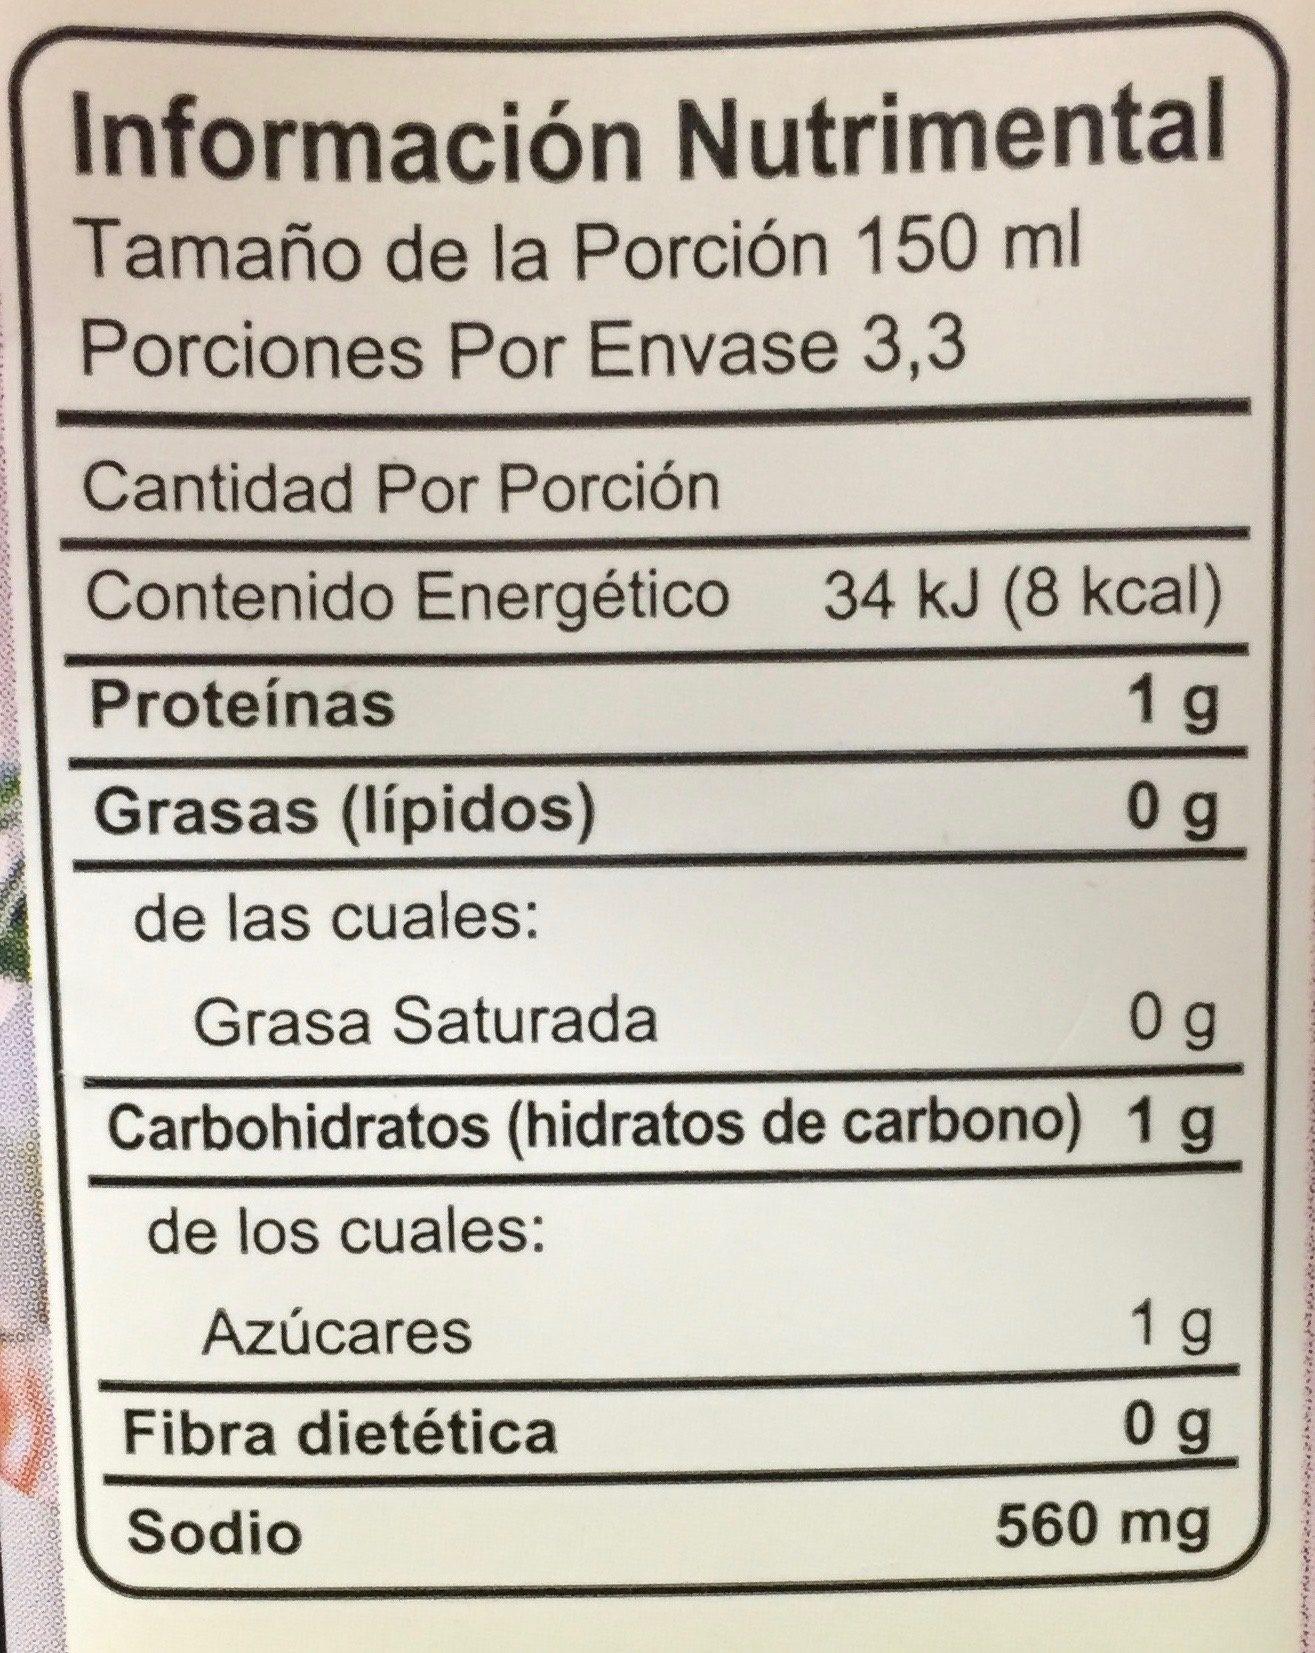 CALDO DE POLLO CON TOMATE SIN GRASA - Información nutricional - es